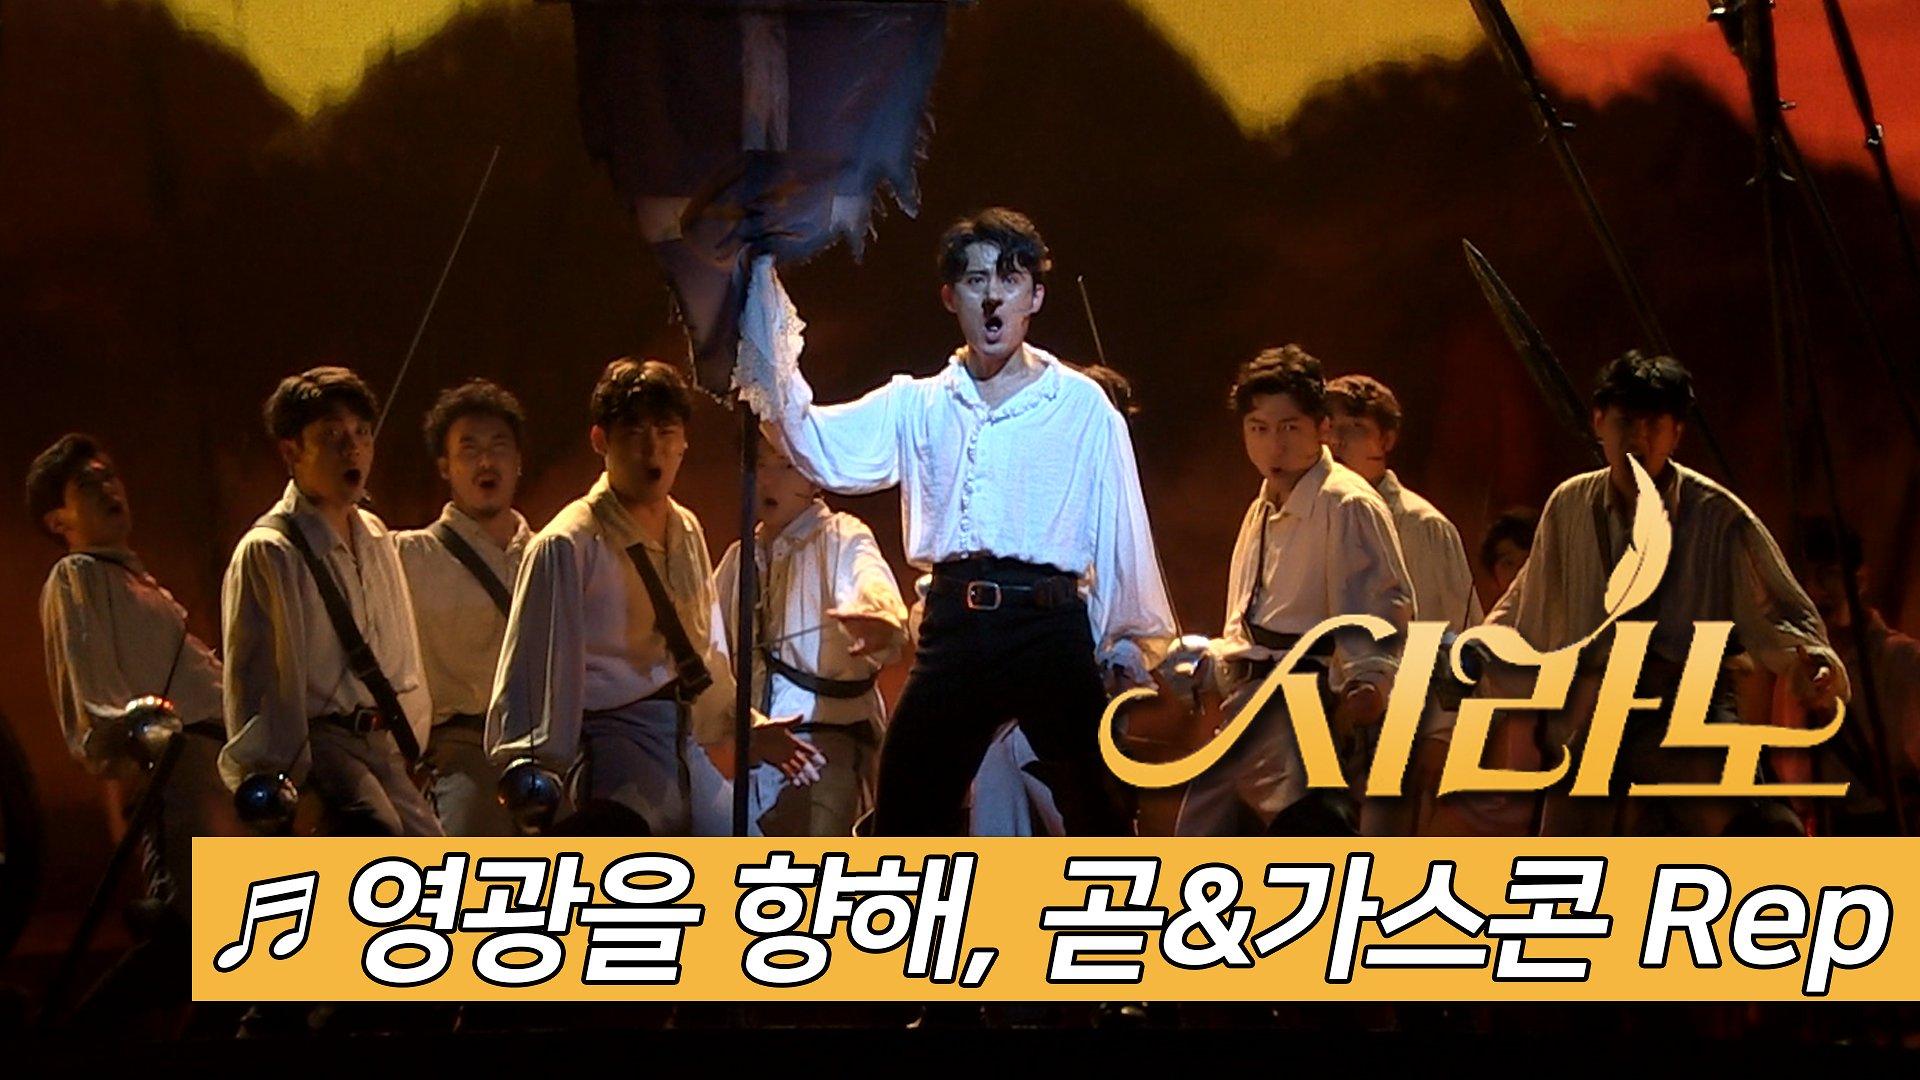 뮤지컬 '시라노' 2019 프레스콜 '영광을 향해' '곧&가스콘 Rep' - 최재웅, 나하나, 송원근 외